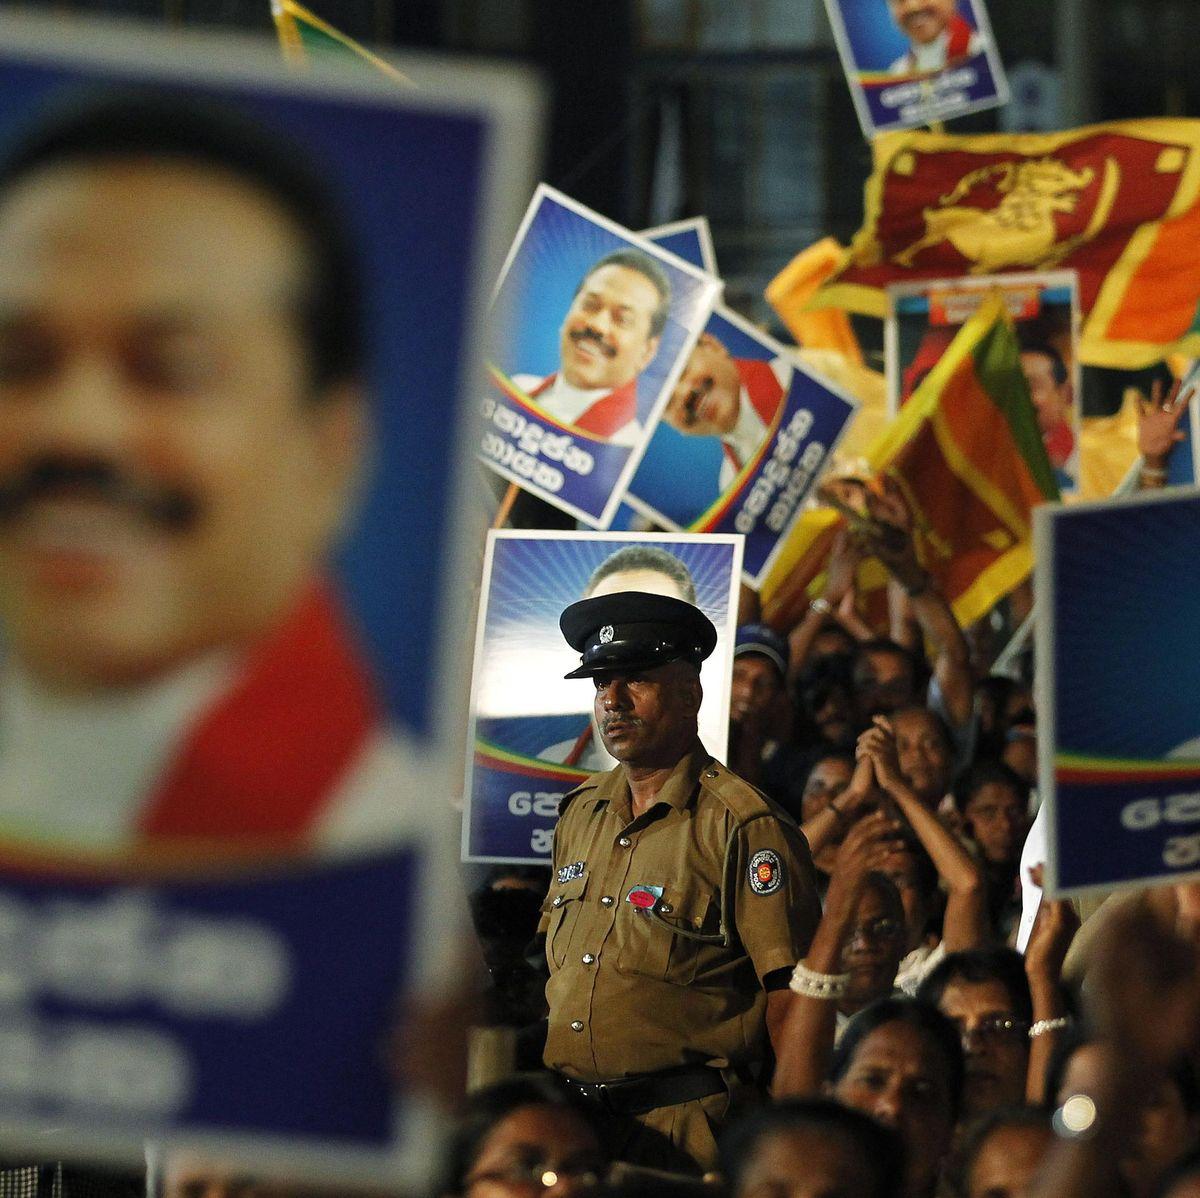 نظام سیاسی در سریلانکا